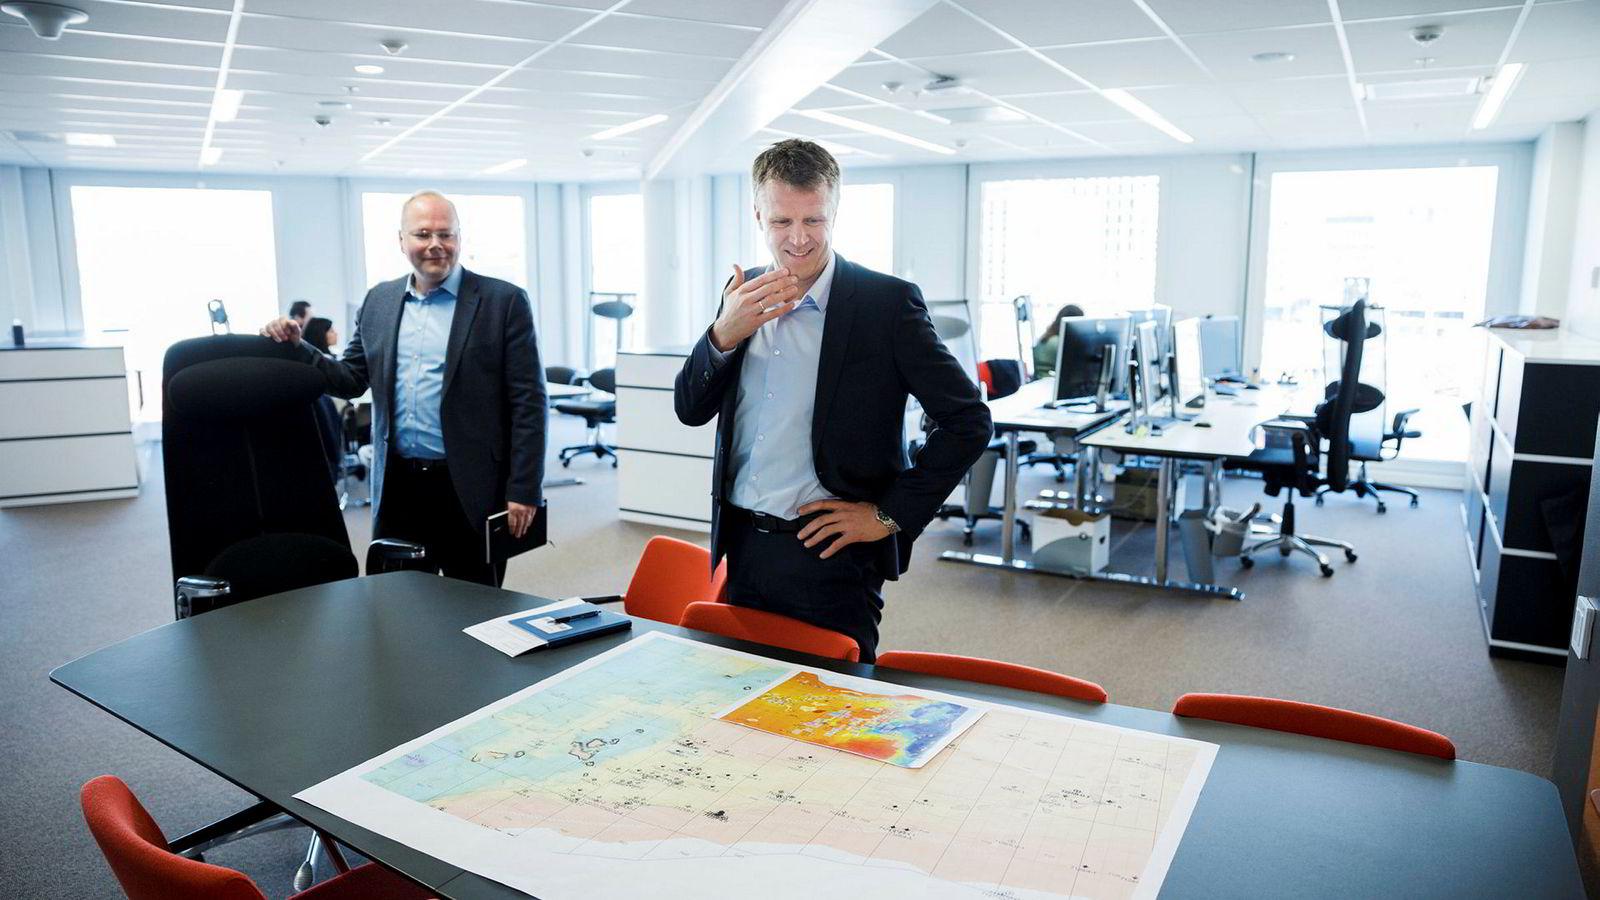 Nestsjef Thomas Bjørgo og toppsjef Jan Harald Solstad i oljeselskapet Point Resources gleder seg over storkjøpet i lokalene på Aker Brygge. Foran ligger geologiske kart.